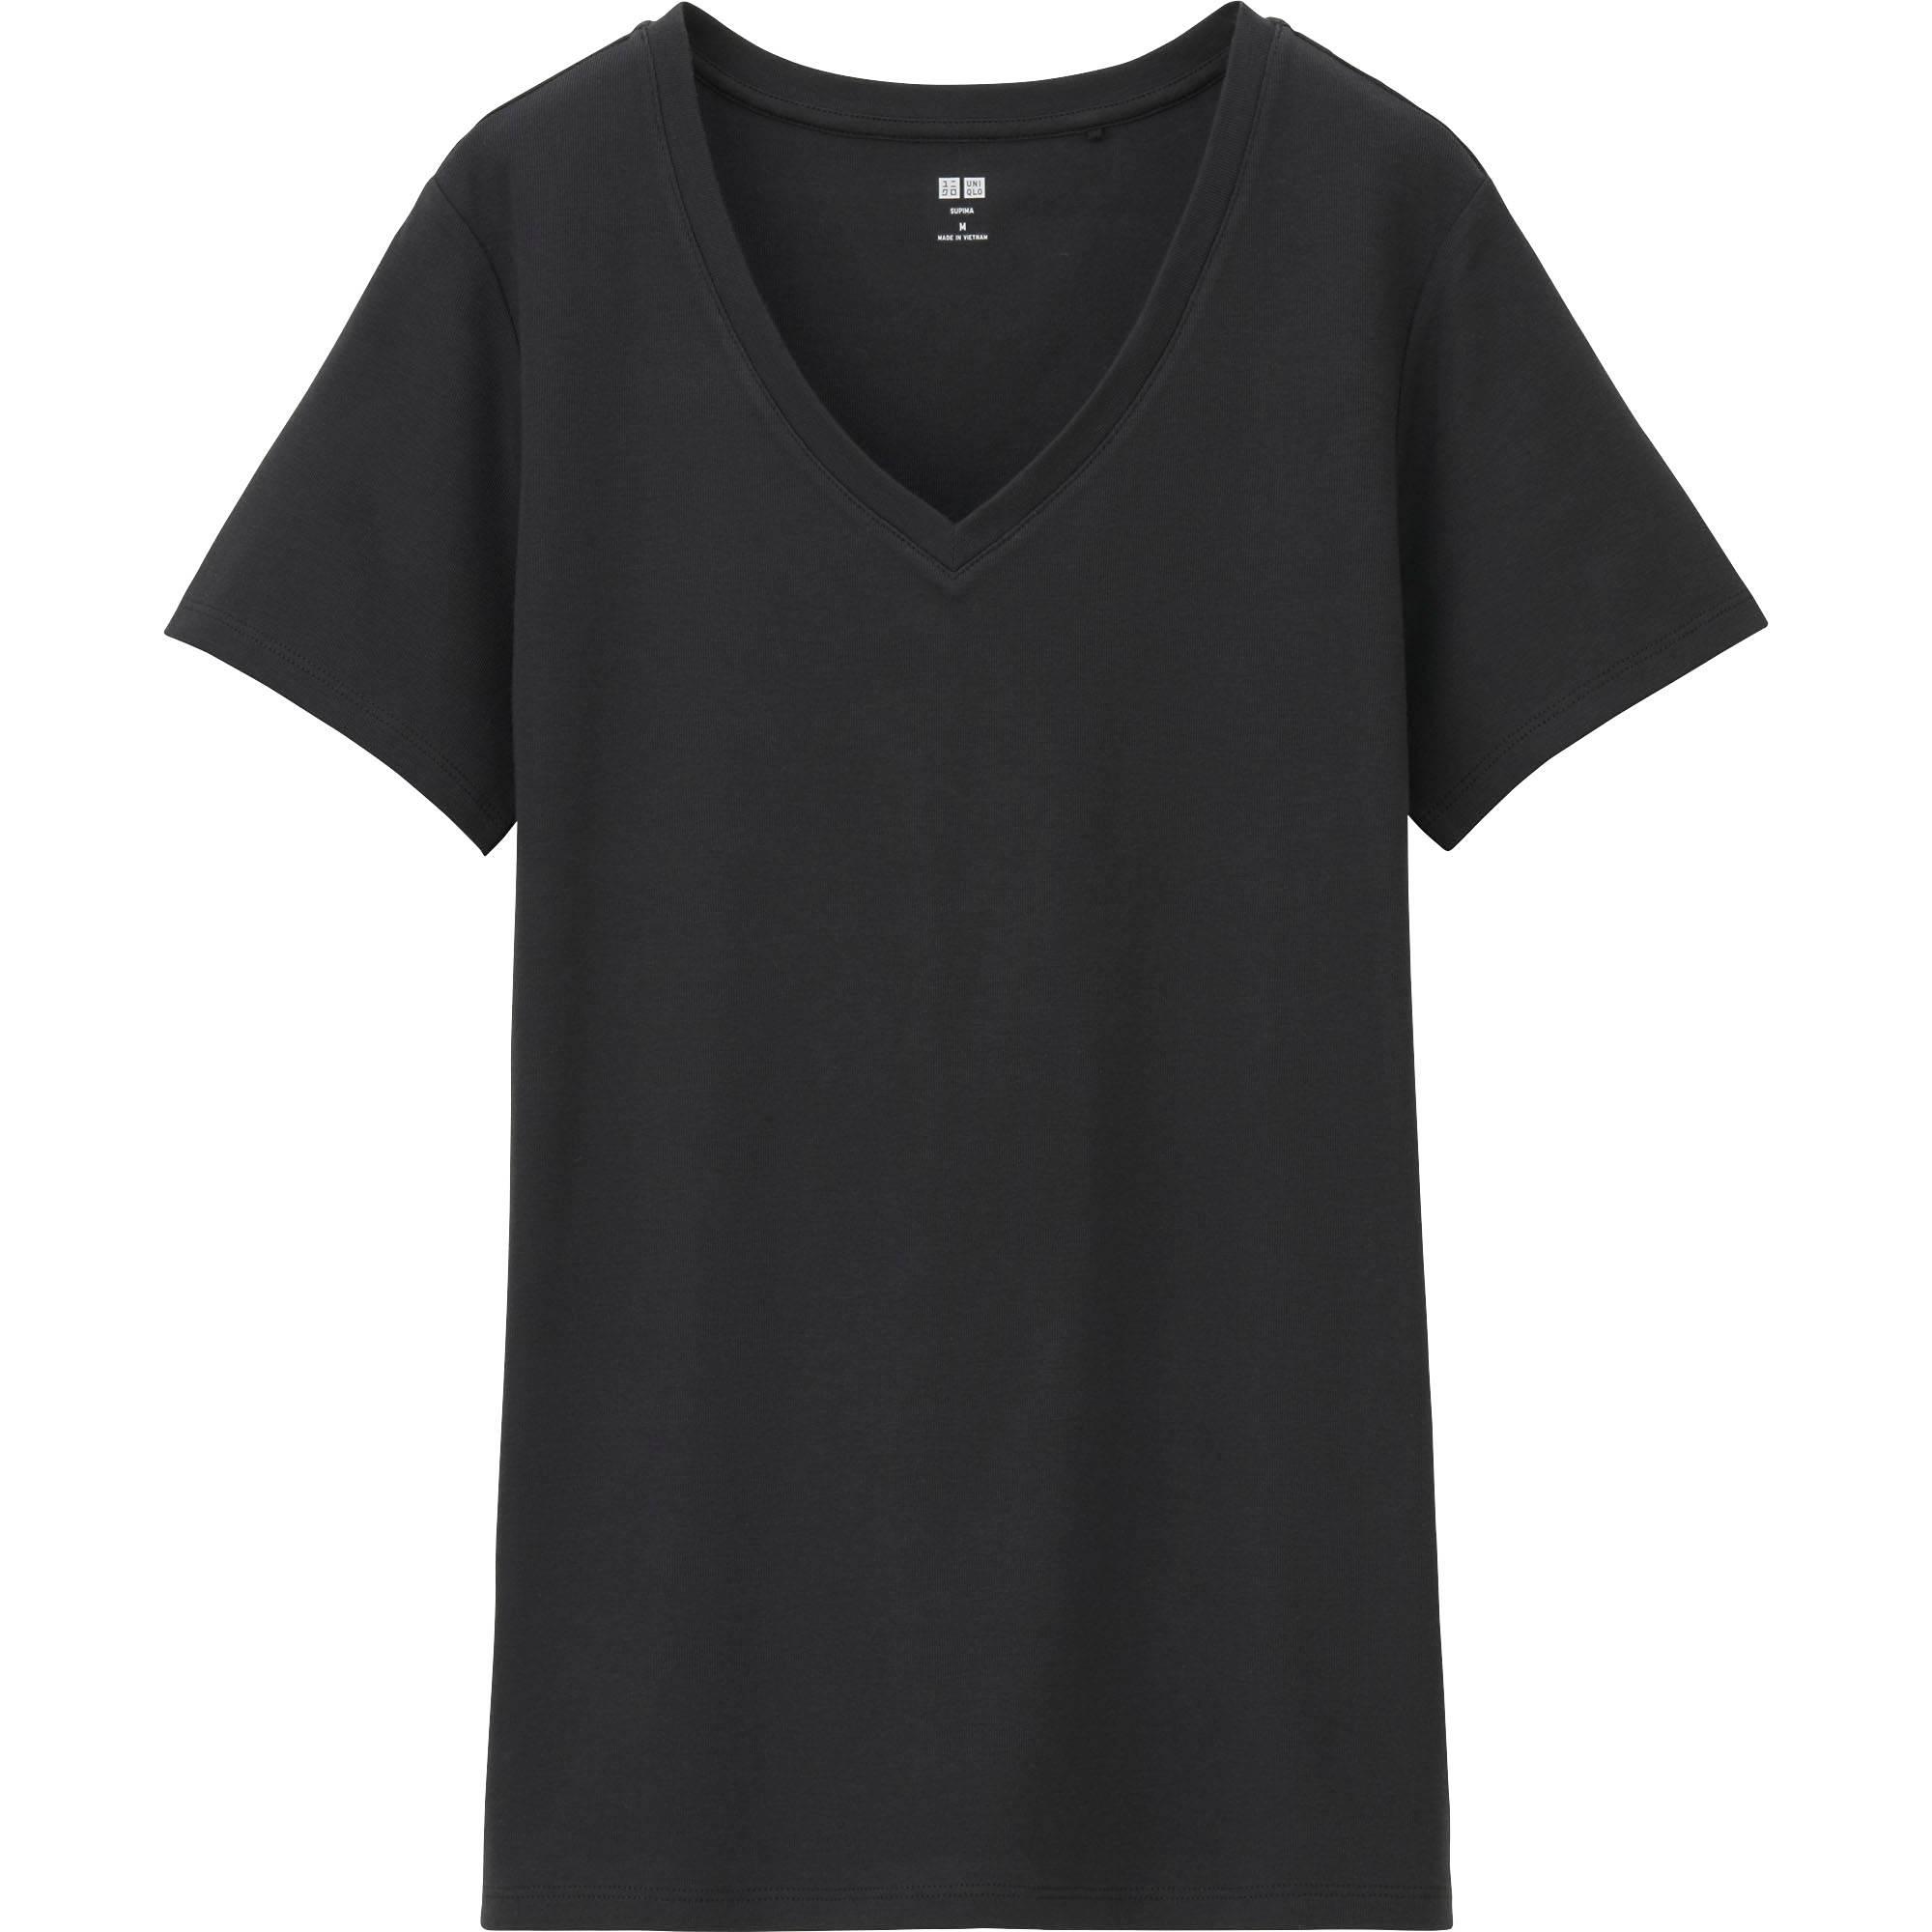 WOMEN Supima® COTTON V-NECK SHORT-SLEEVE T-SHIRT | UNIQLO US